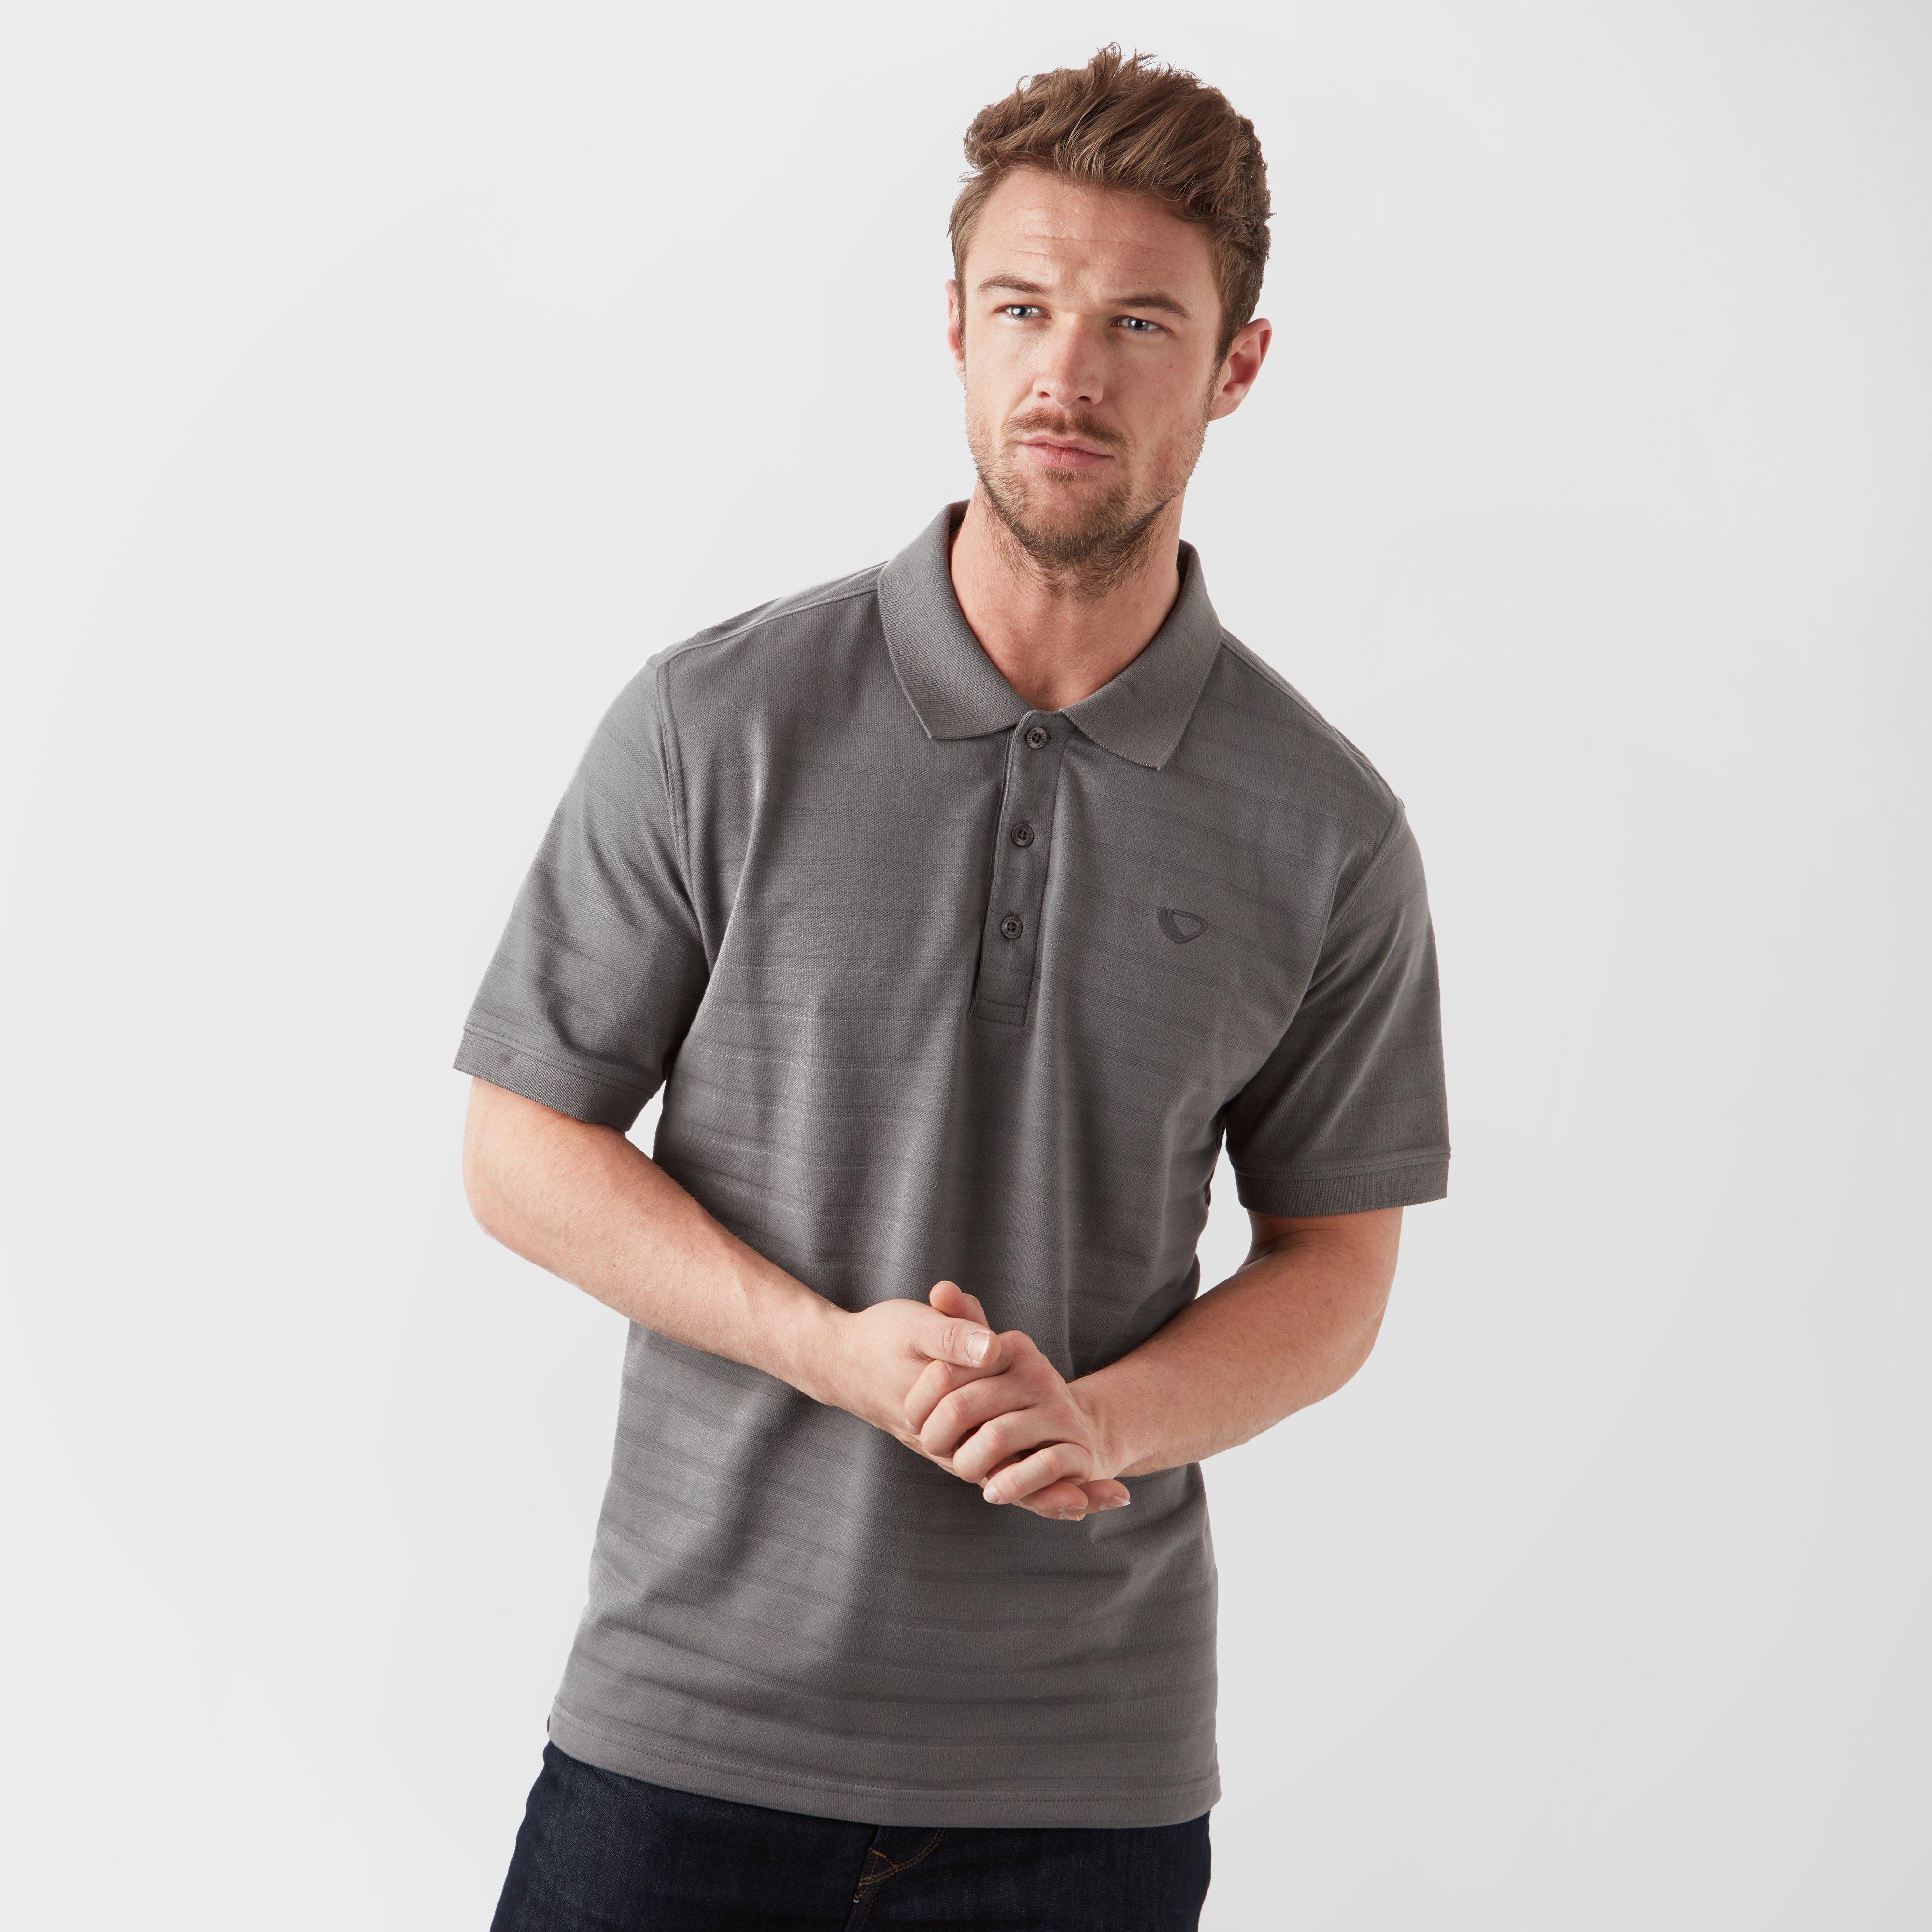 Brasher Mens Polo Shirt - Grey/mgy  Grey/mgy